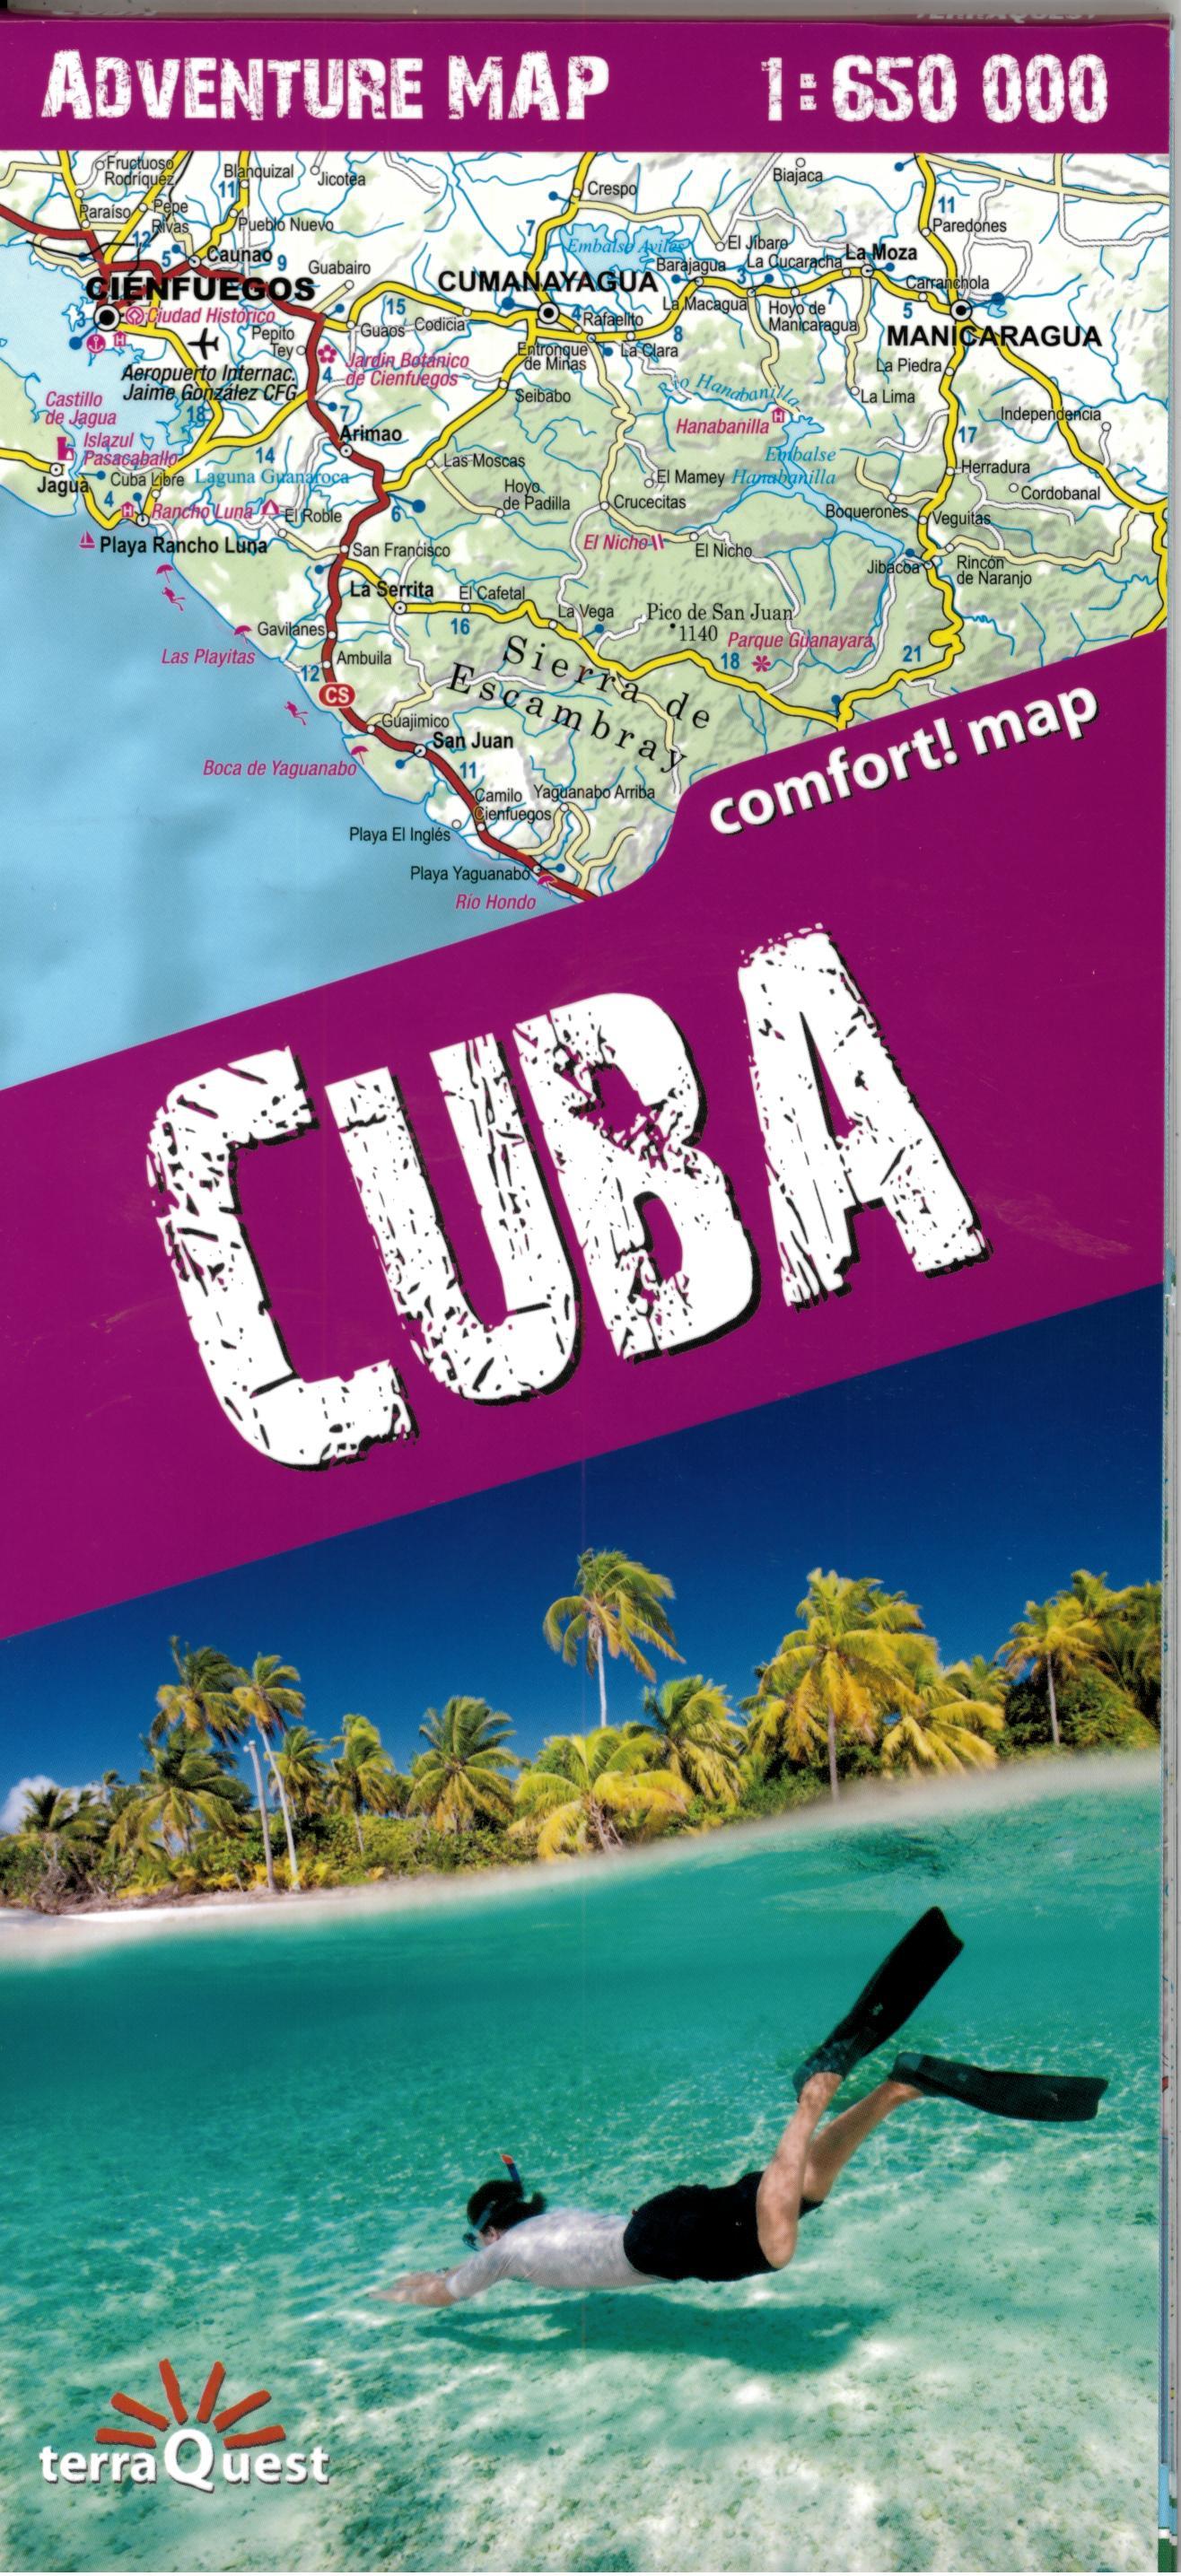 CUBA 1 650 000